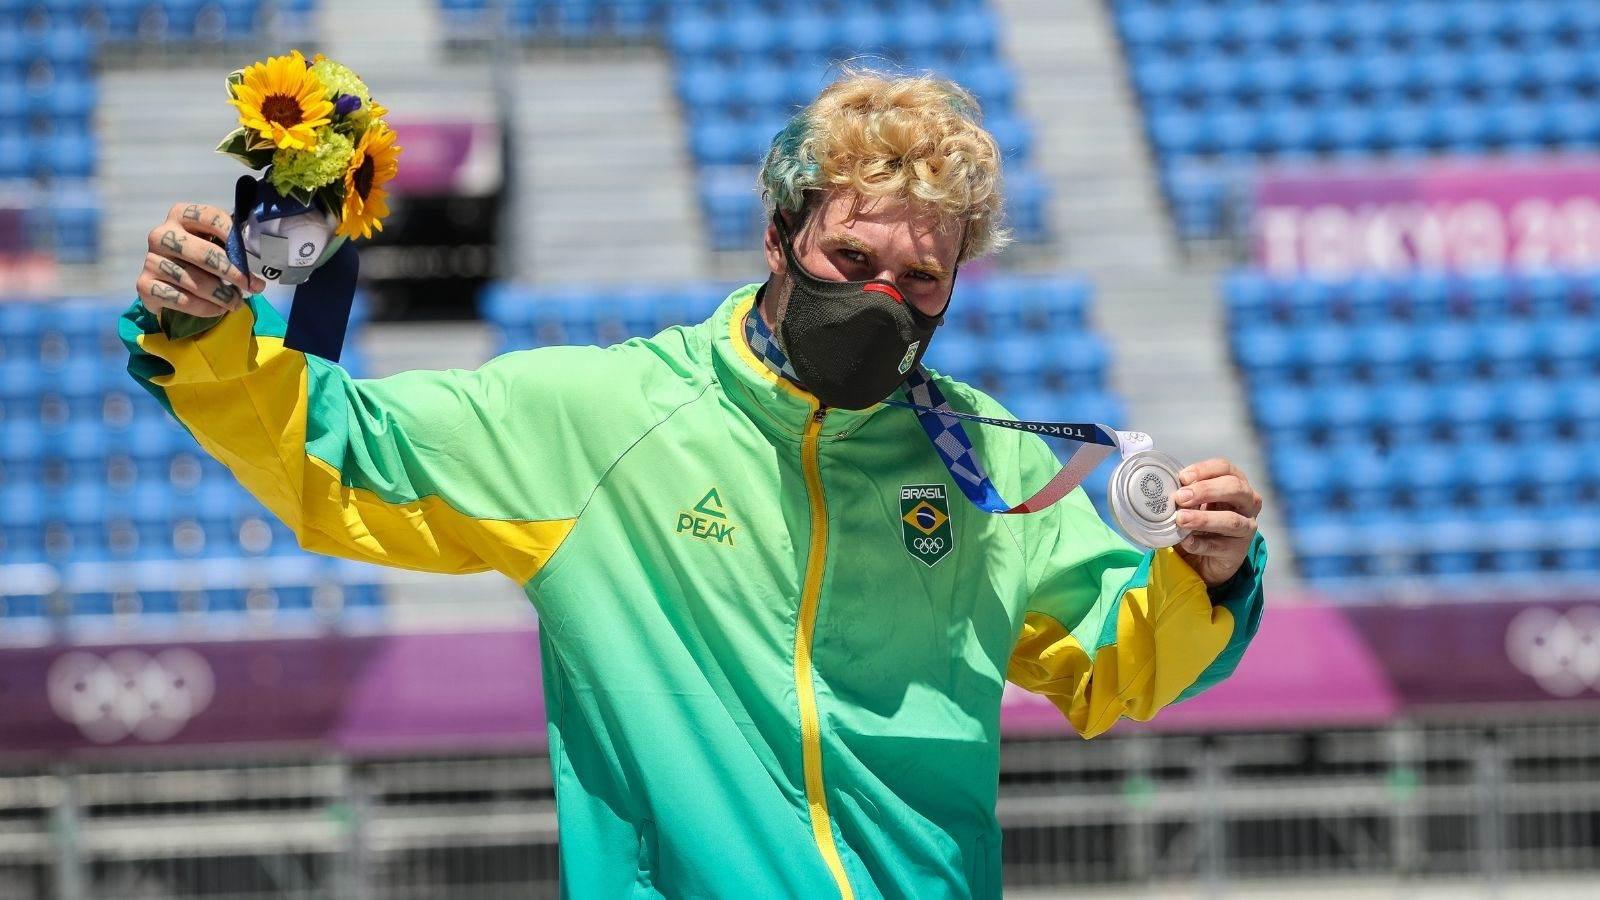 Pedro Barros celebra a conquista da medalha de prata no skate park